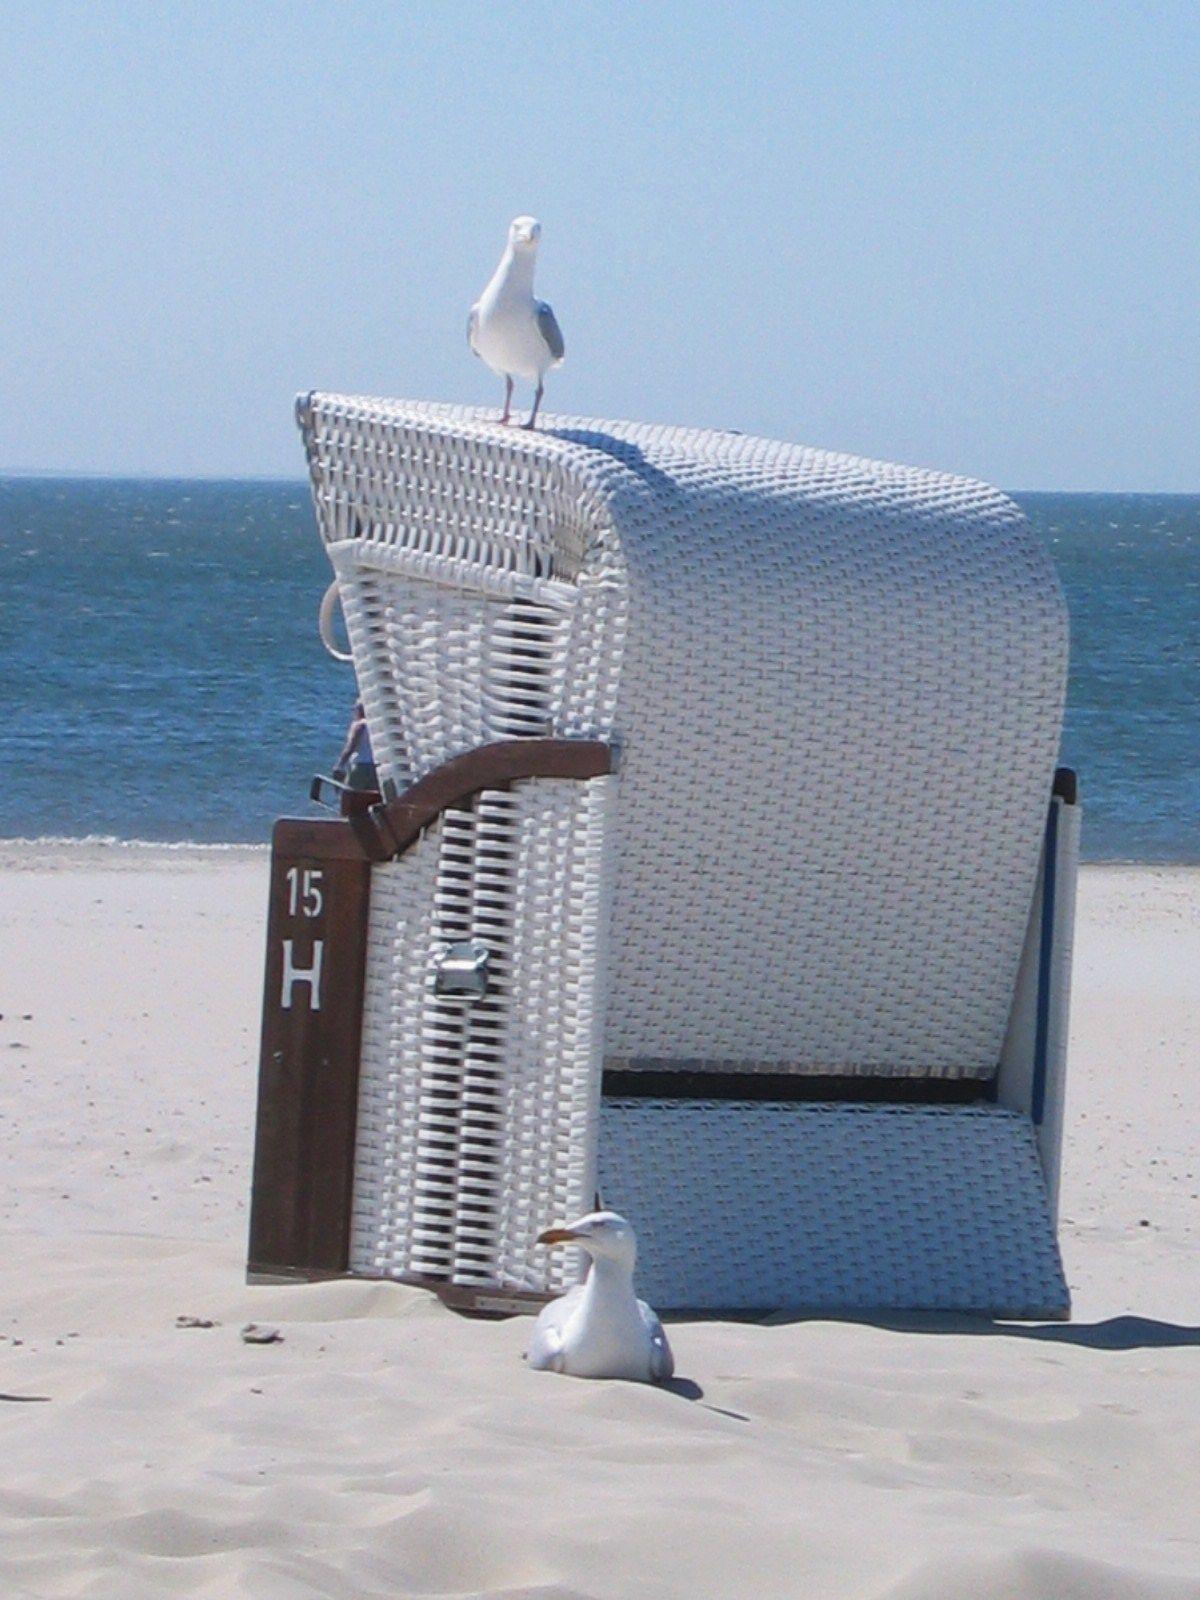 Borkum Ist Immer Eine Reise Wert Lehnen Sie Sich Zuruck In Einem Strandkorb Spuren Sie Die Sonne Auf Ihrer Haut Und Lauschen Sie Den No Borkum Nordsee Strand